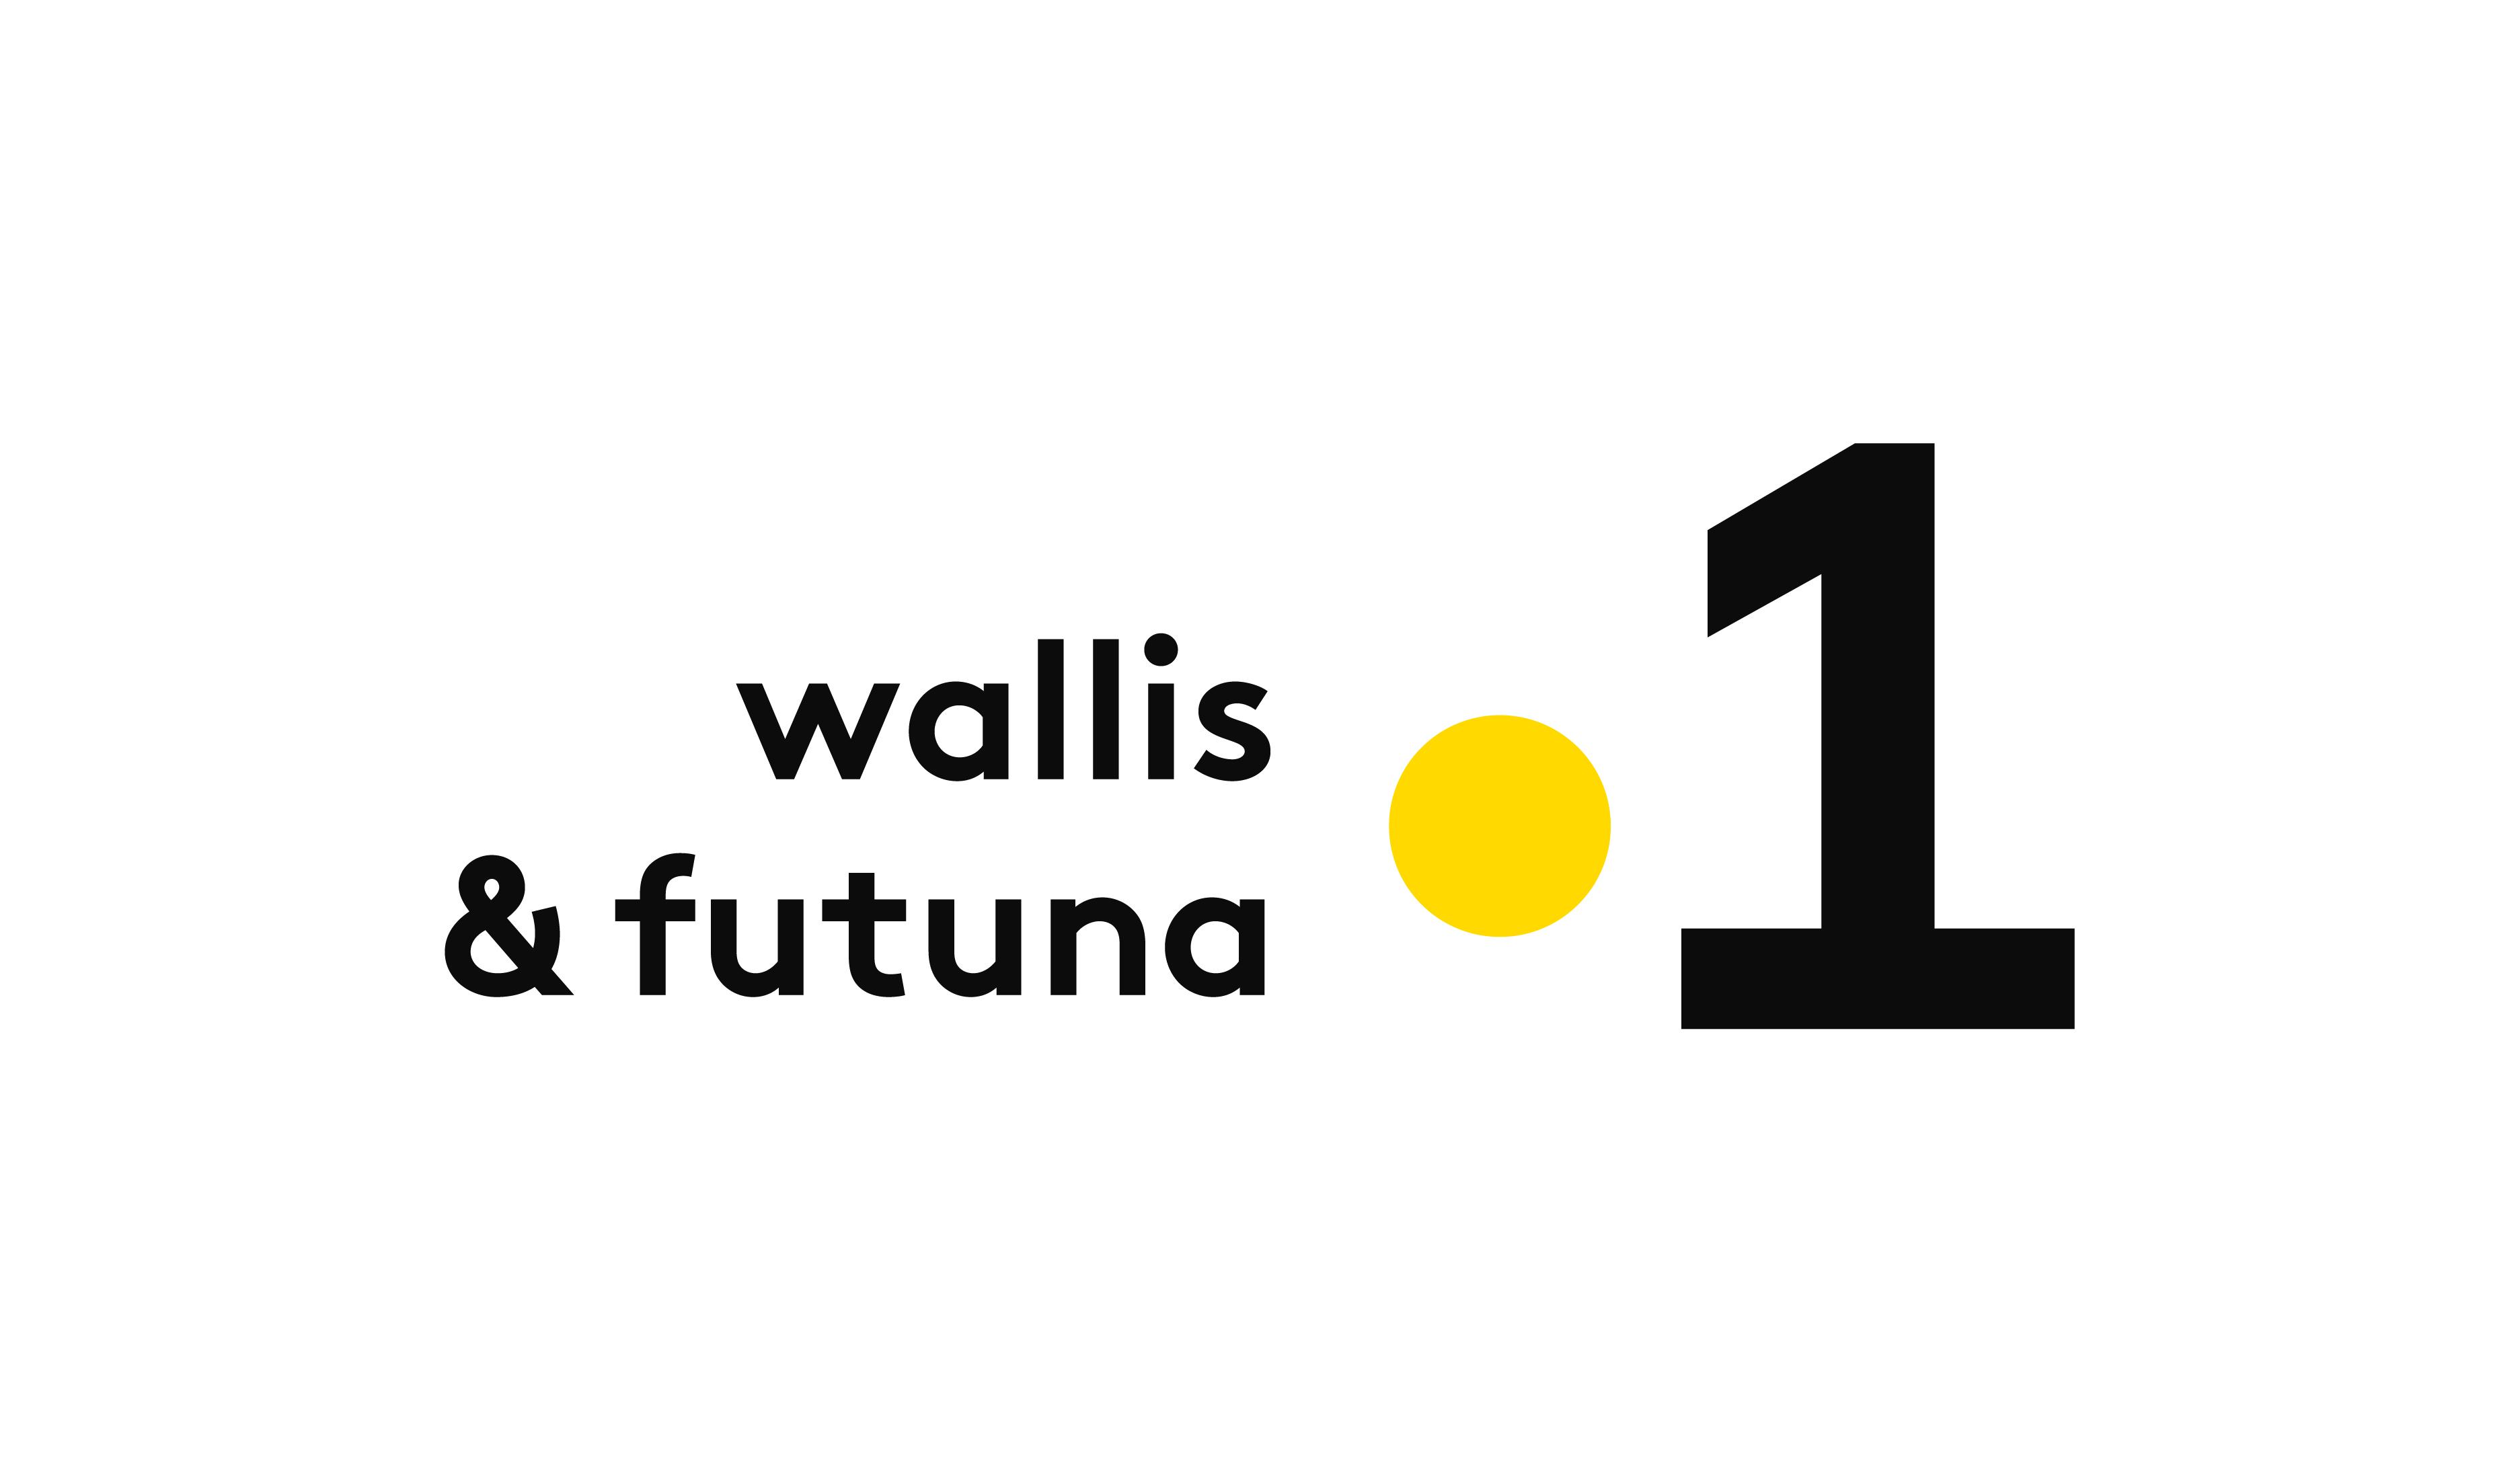 Les chaînes du groupe France Télévisions mobilisées pour le 60ème anniversaire du statut de Wallis-et-Futuna